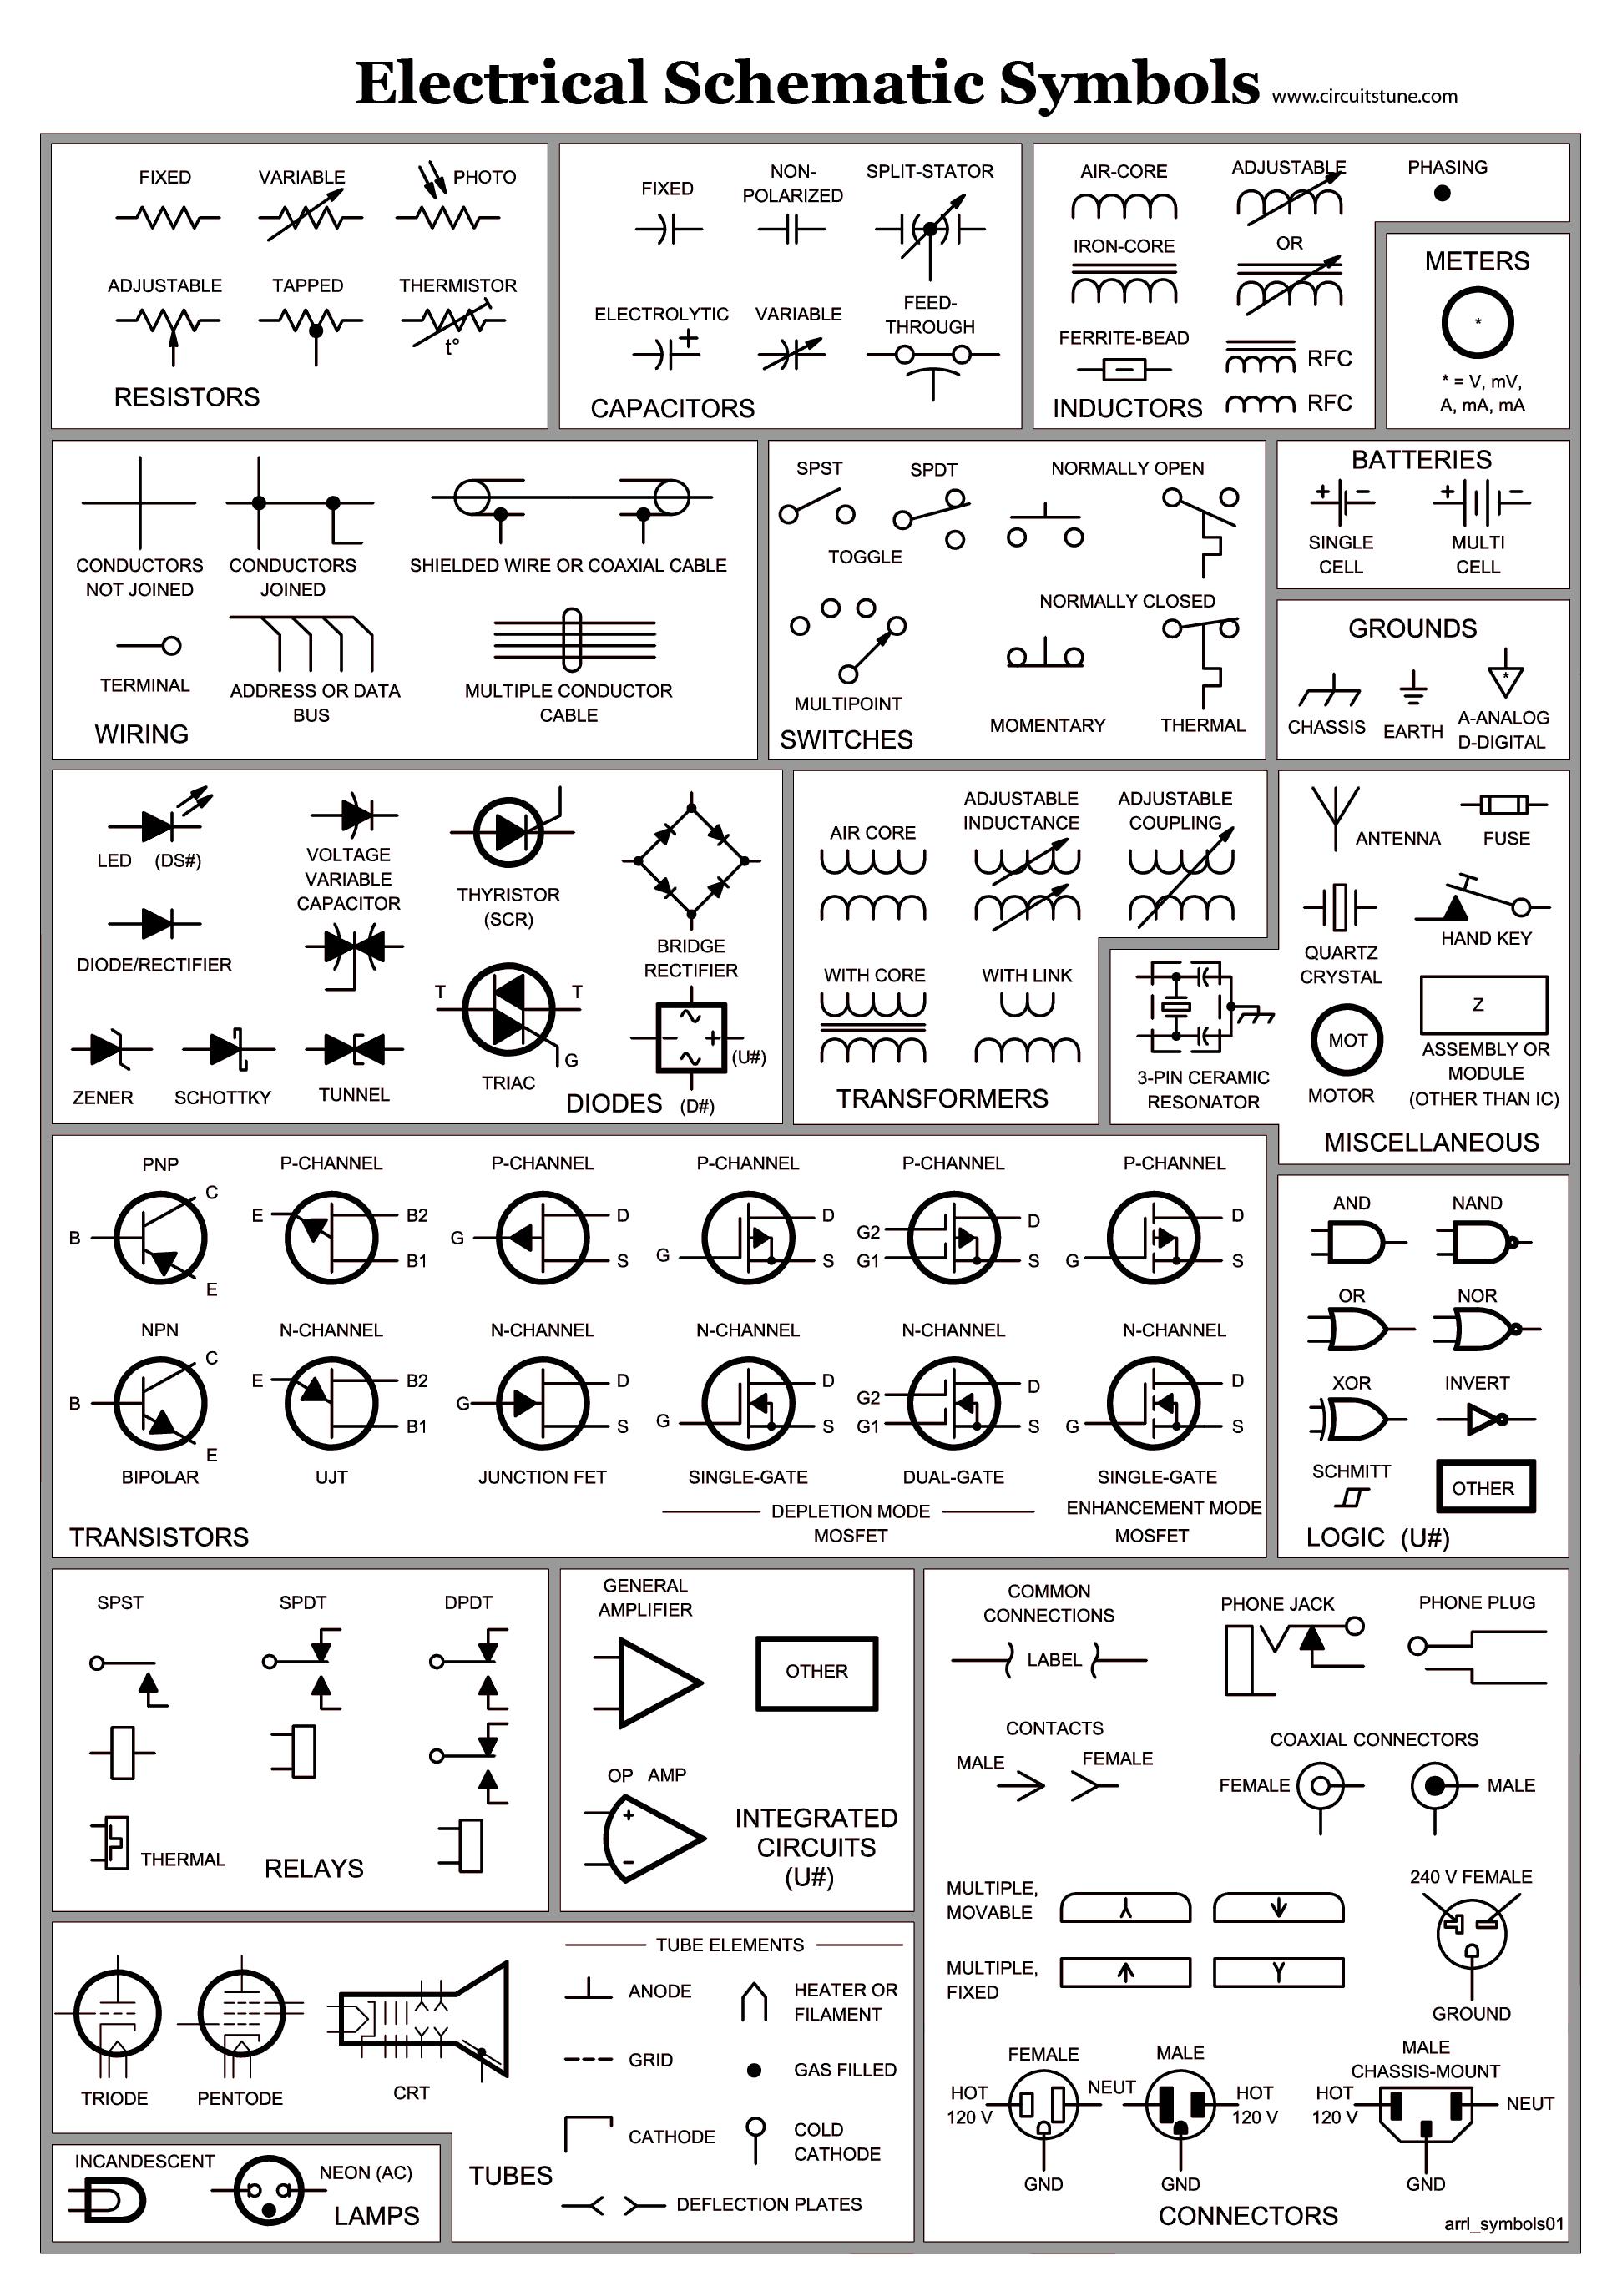 Schematic Symbols Romeolozada001 - WIRE Center •